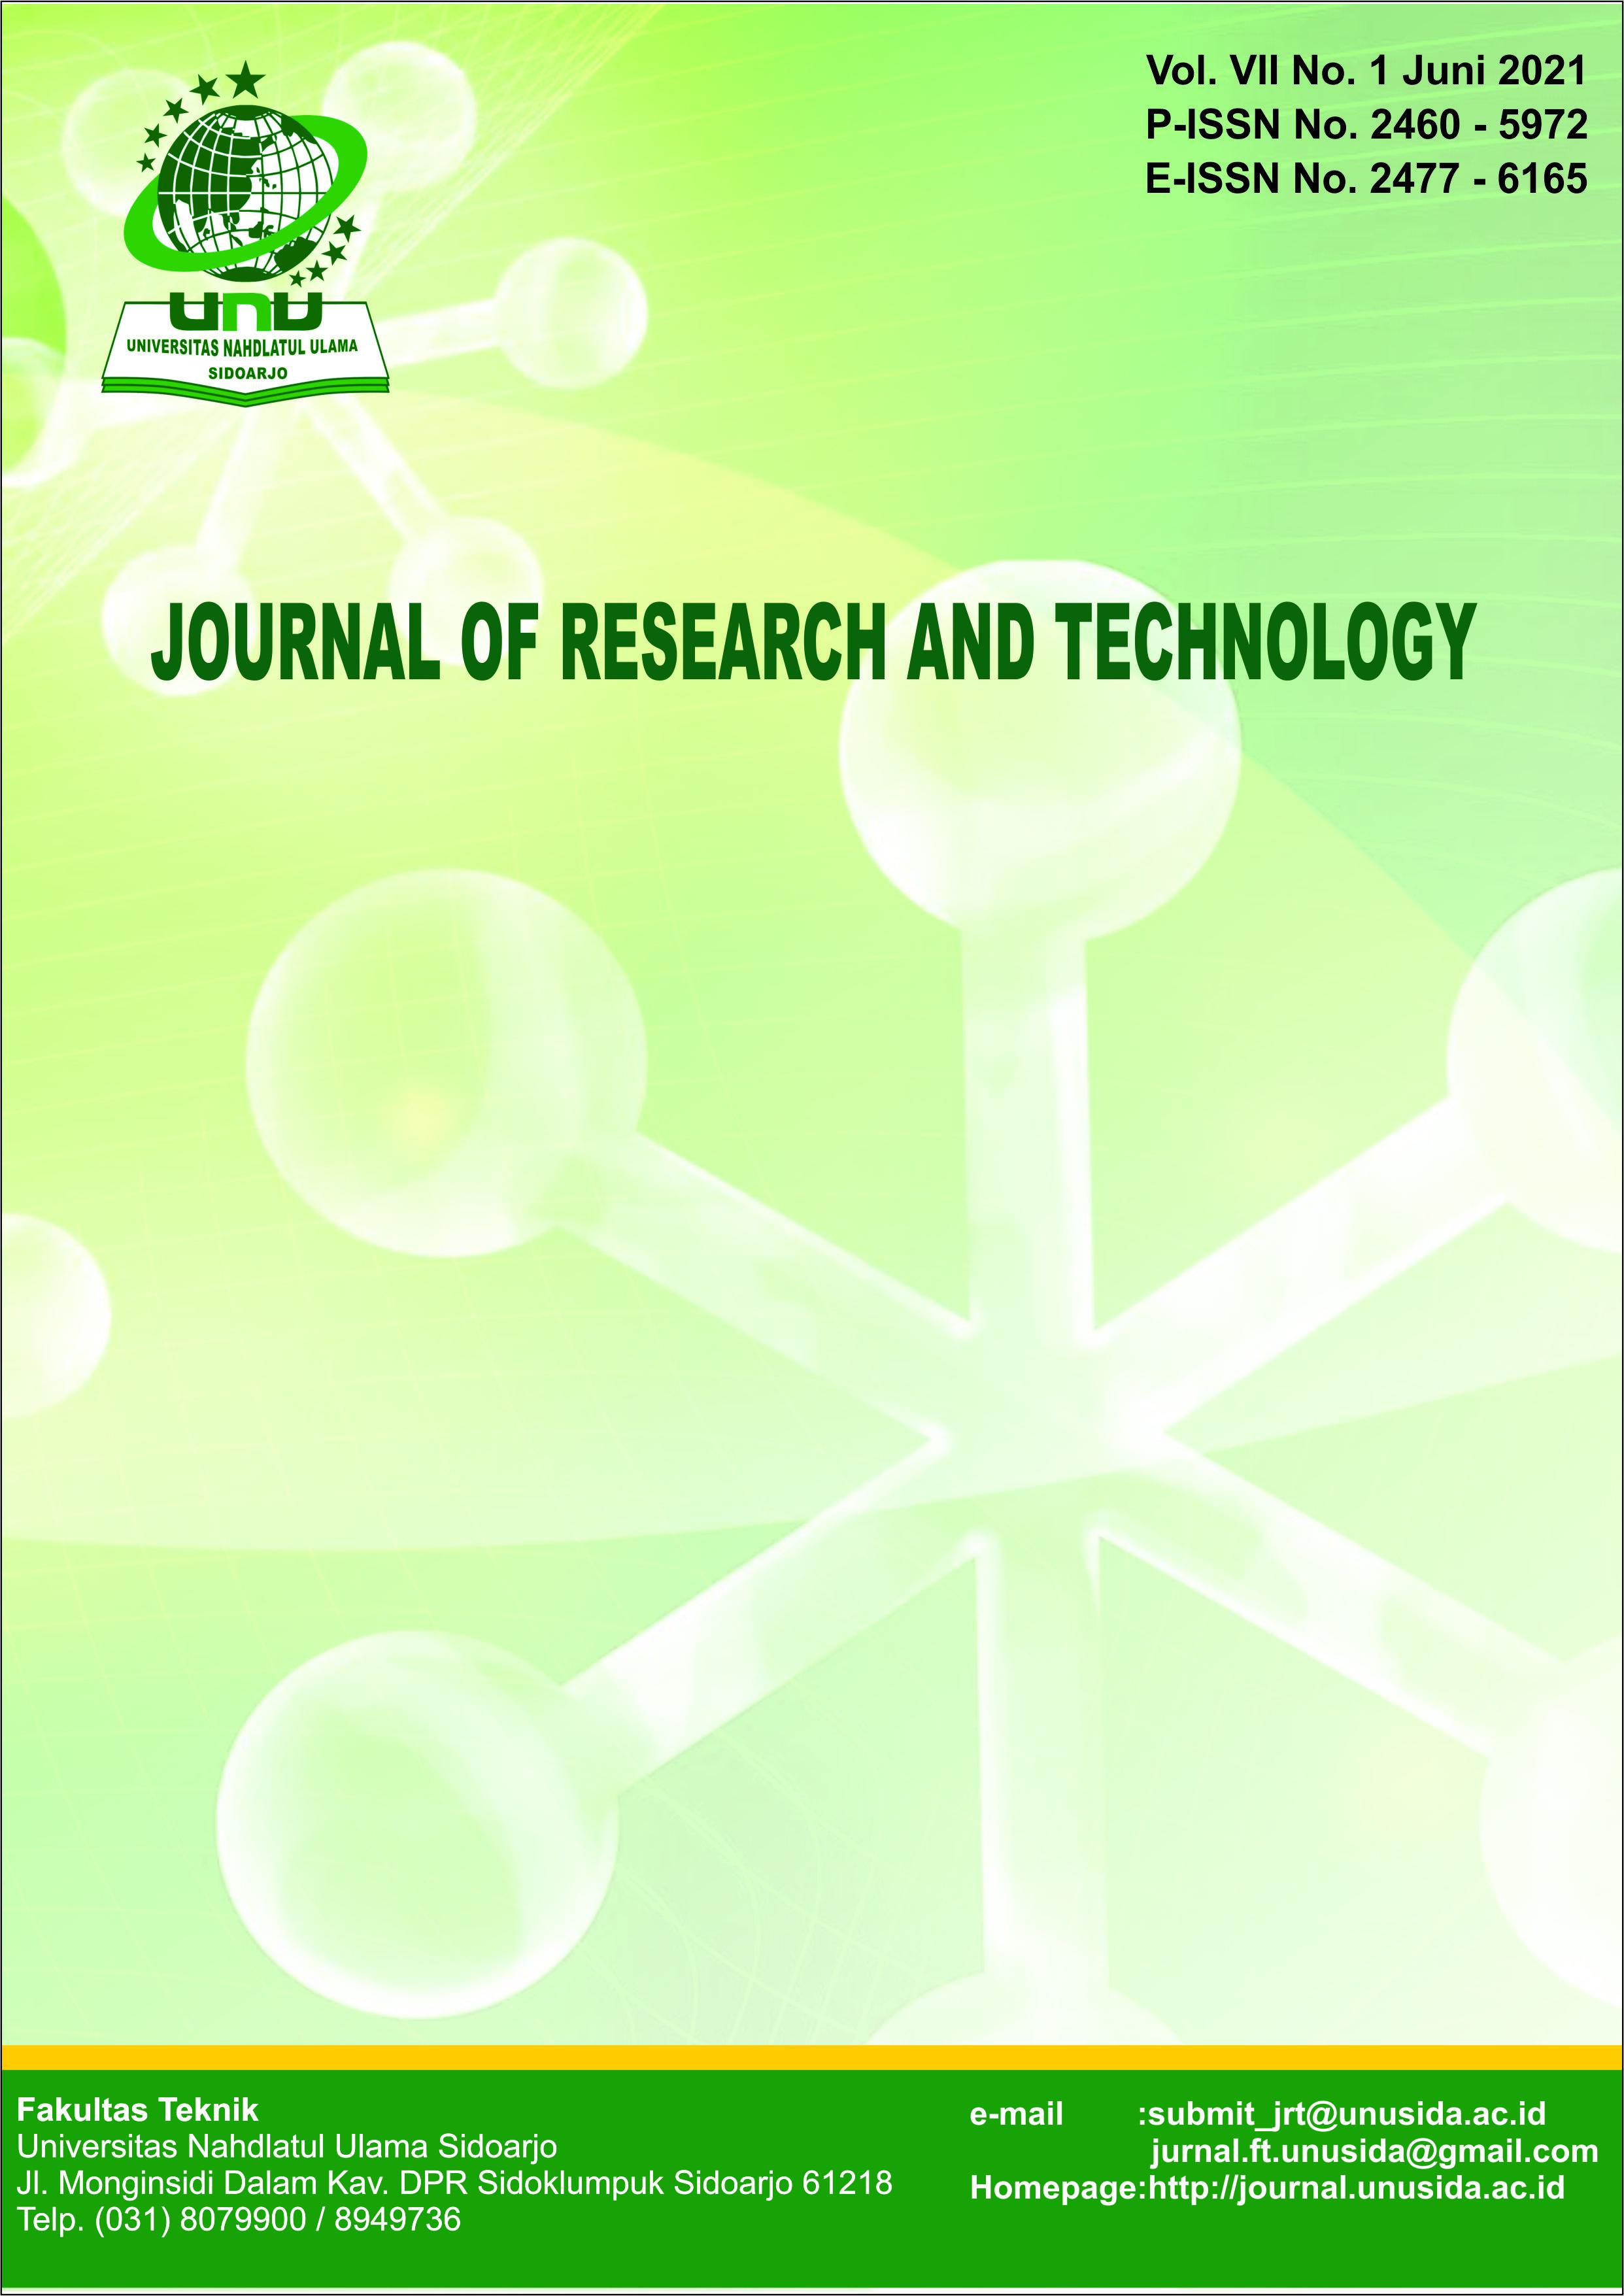 View Vol. 7 No. 1 (2021): JRT Volume 7 No 1 Jun 2021